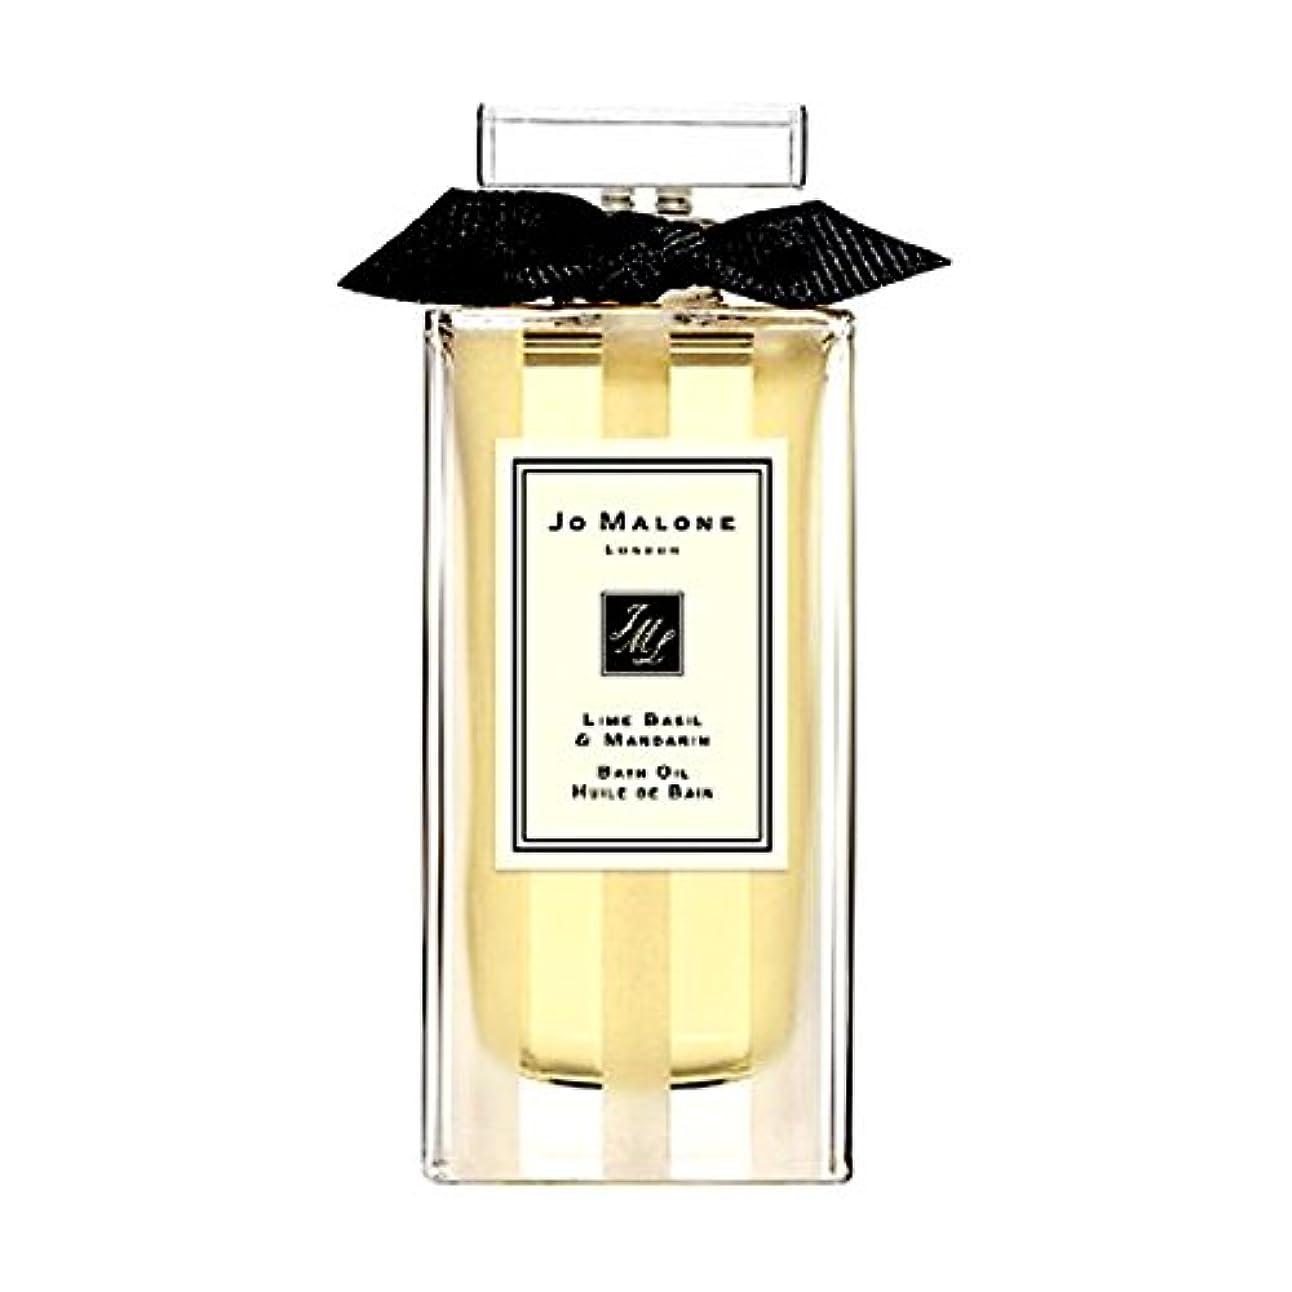 トピック登山家洗剤Jo Maloneジョーマローン, バスオイル -ライムバジル&マンダリン (30ml),' Lime Basil & Mandarin' Bath Oil (1oz) [海外直送品] [並行輸入品]